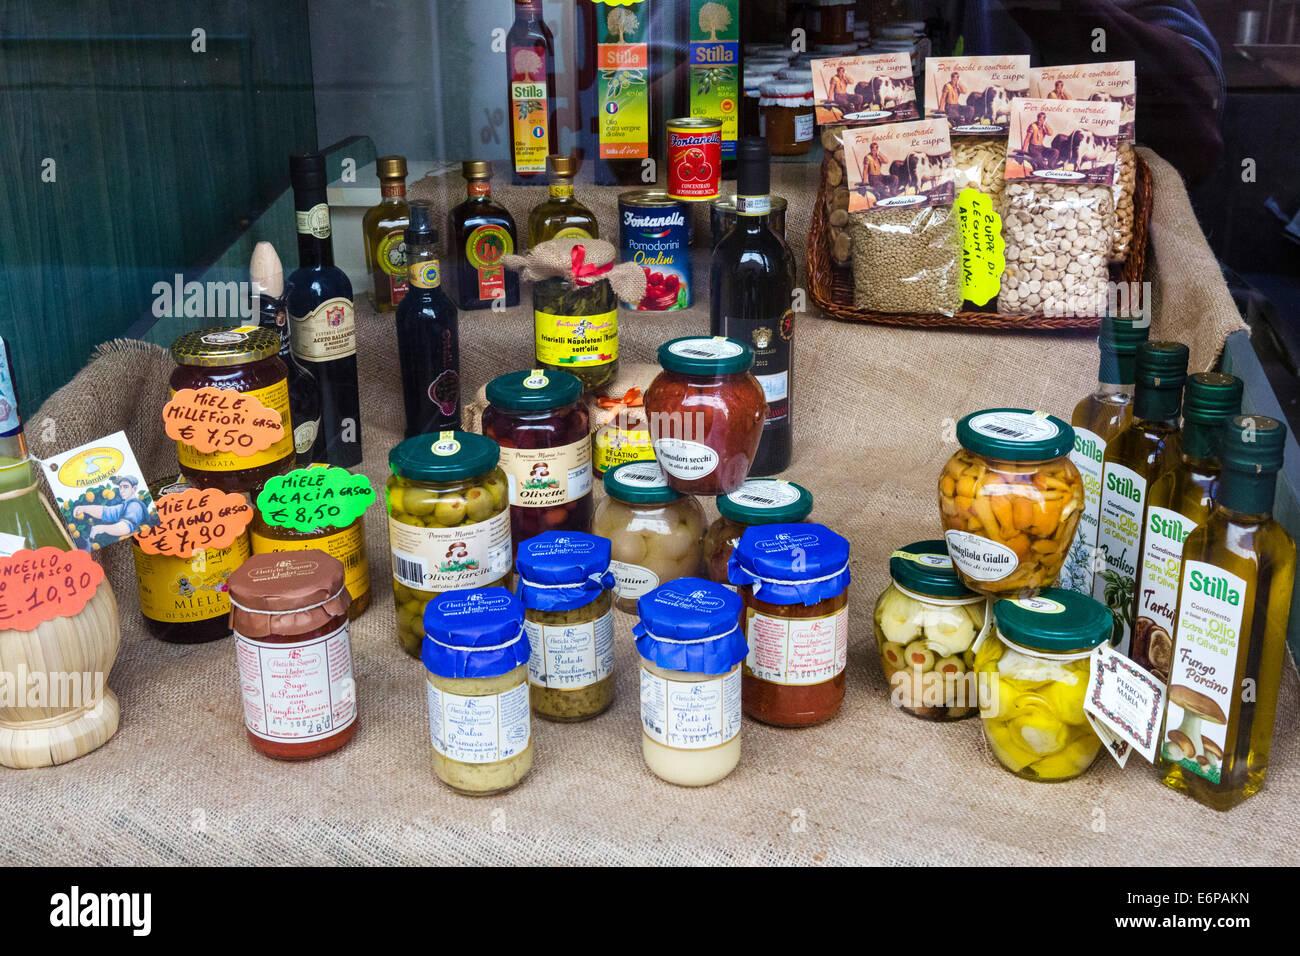 Regionale Spezialitäten in einem Feinkost Shop Wndow, Reggio Emilia, Emilia Romagna, Italien Stockbild